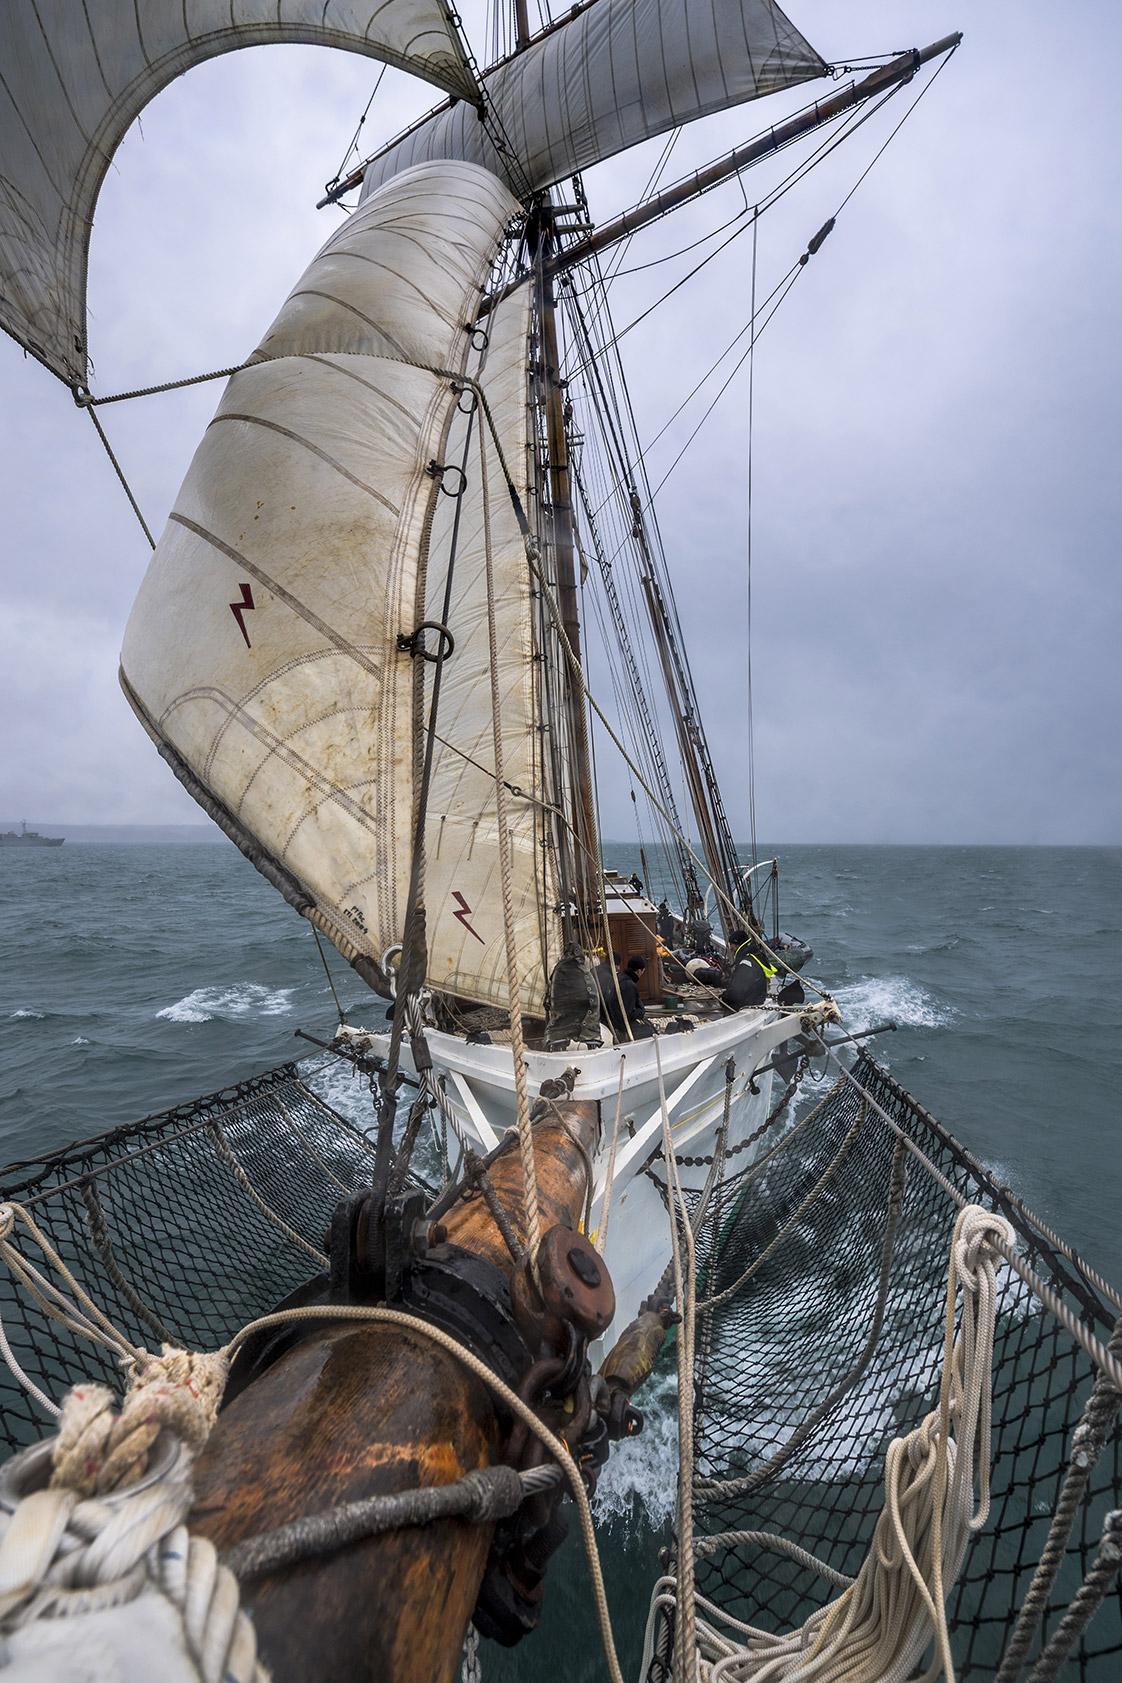 photographie du voilier Etoile en rade de Brest